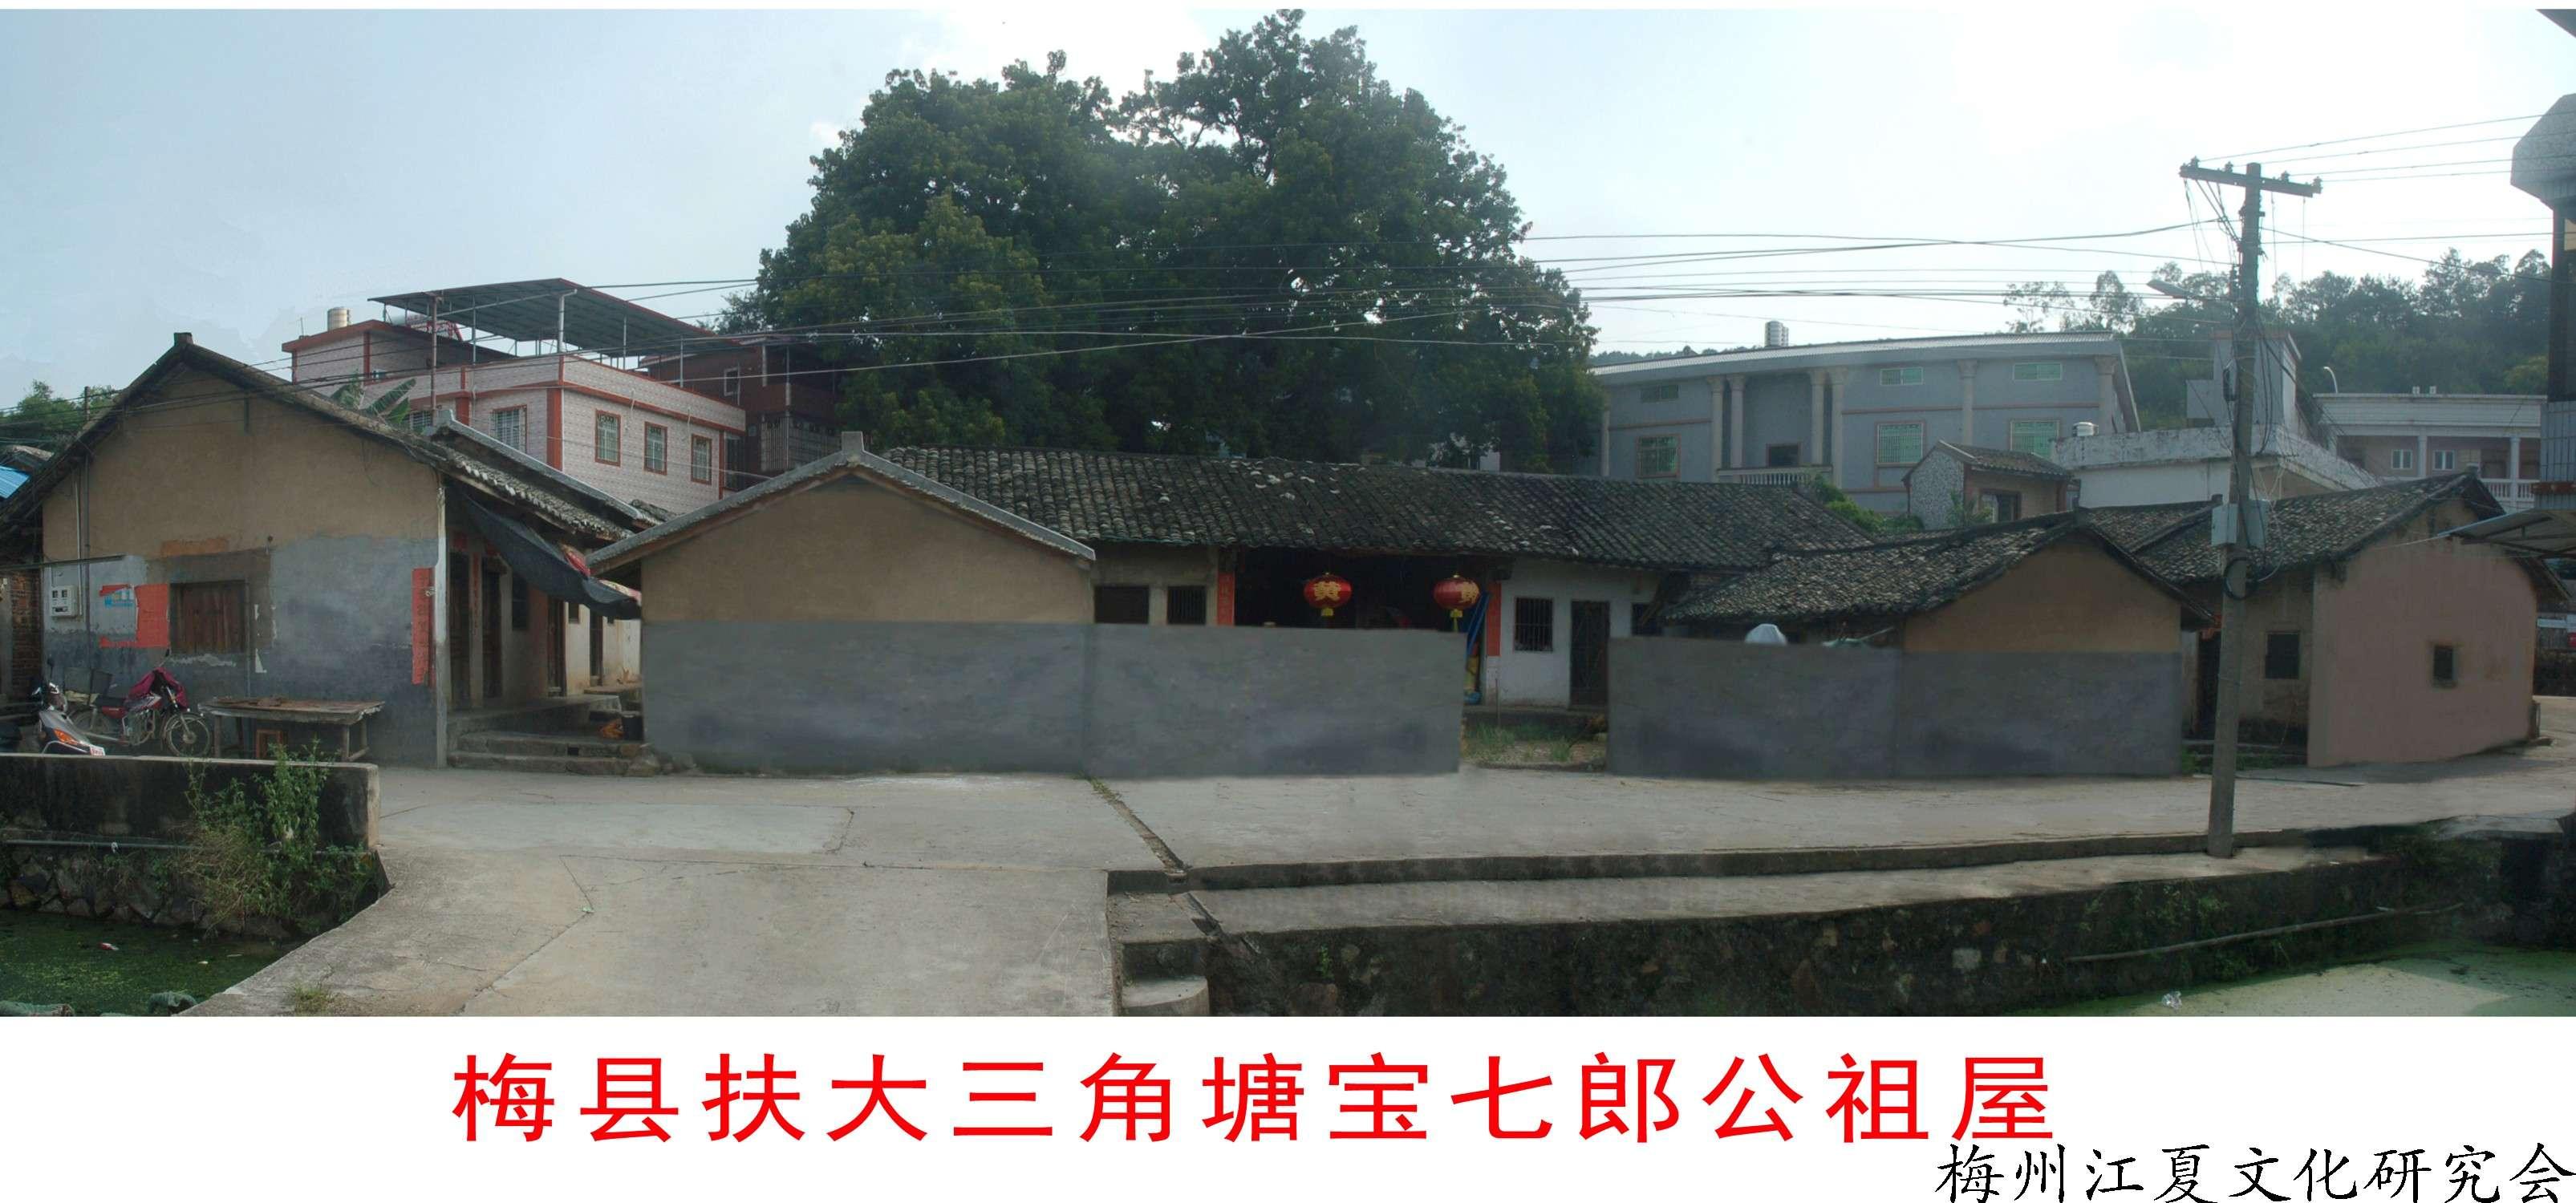 梅县区扶大三角圹祖祠堂屋